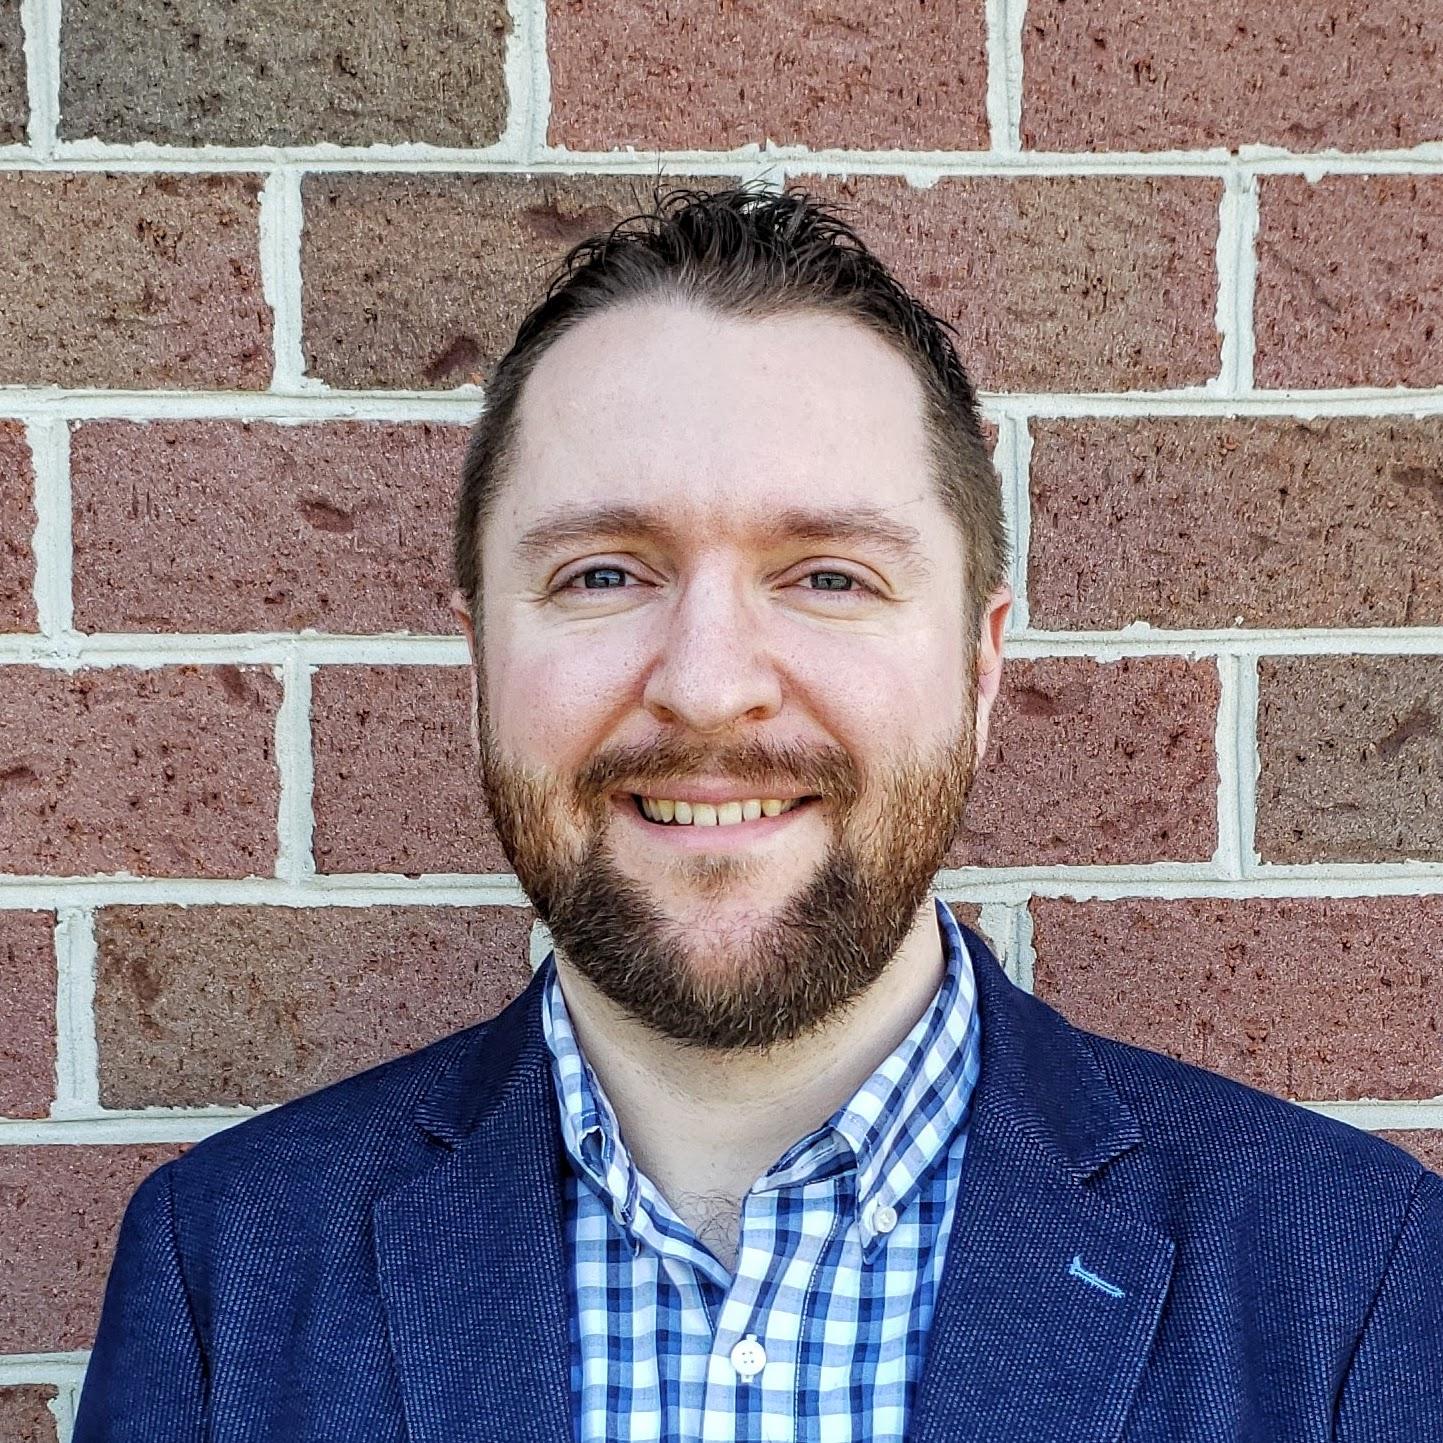 Ryan Steger